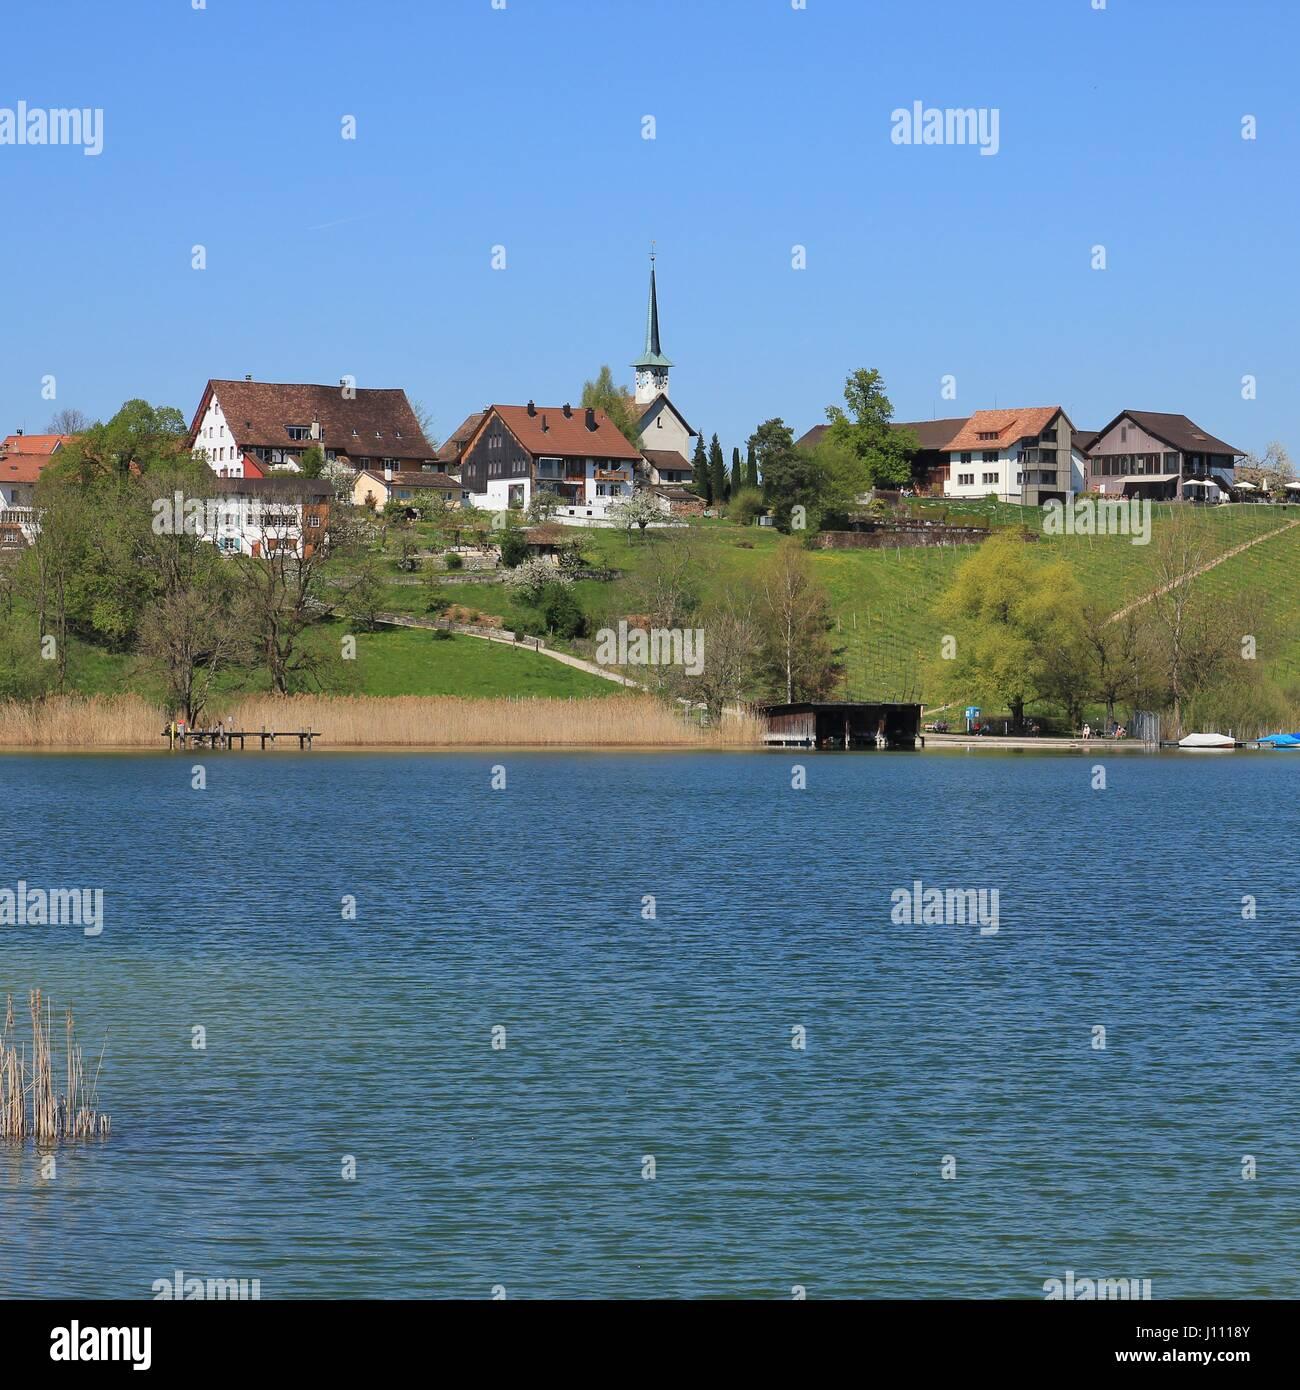 Lake zurich switzerland village stock photos lake zurich for Innendekoration pfaffikon zh